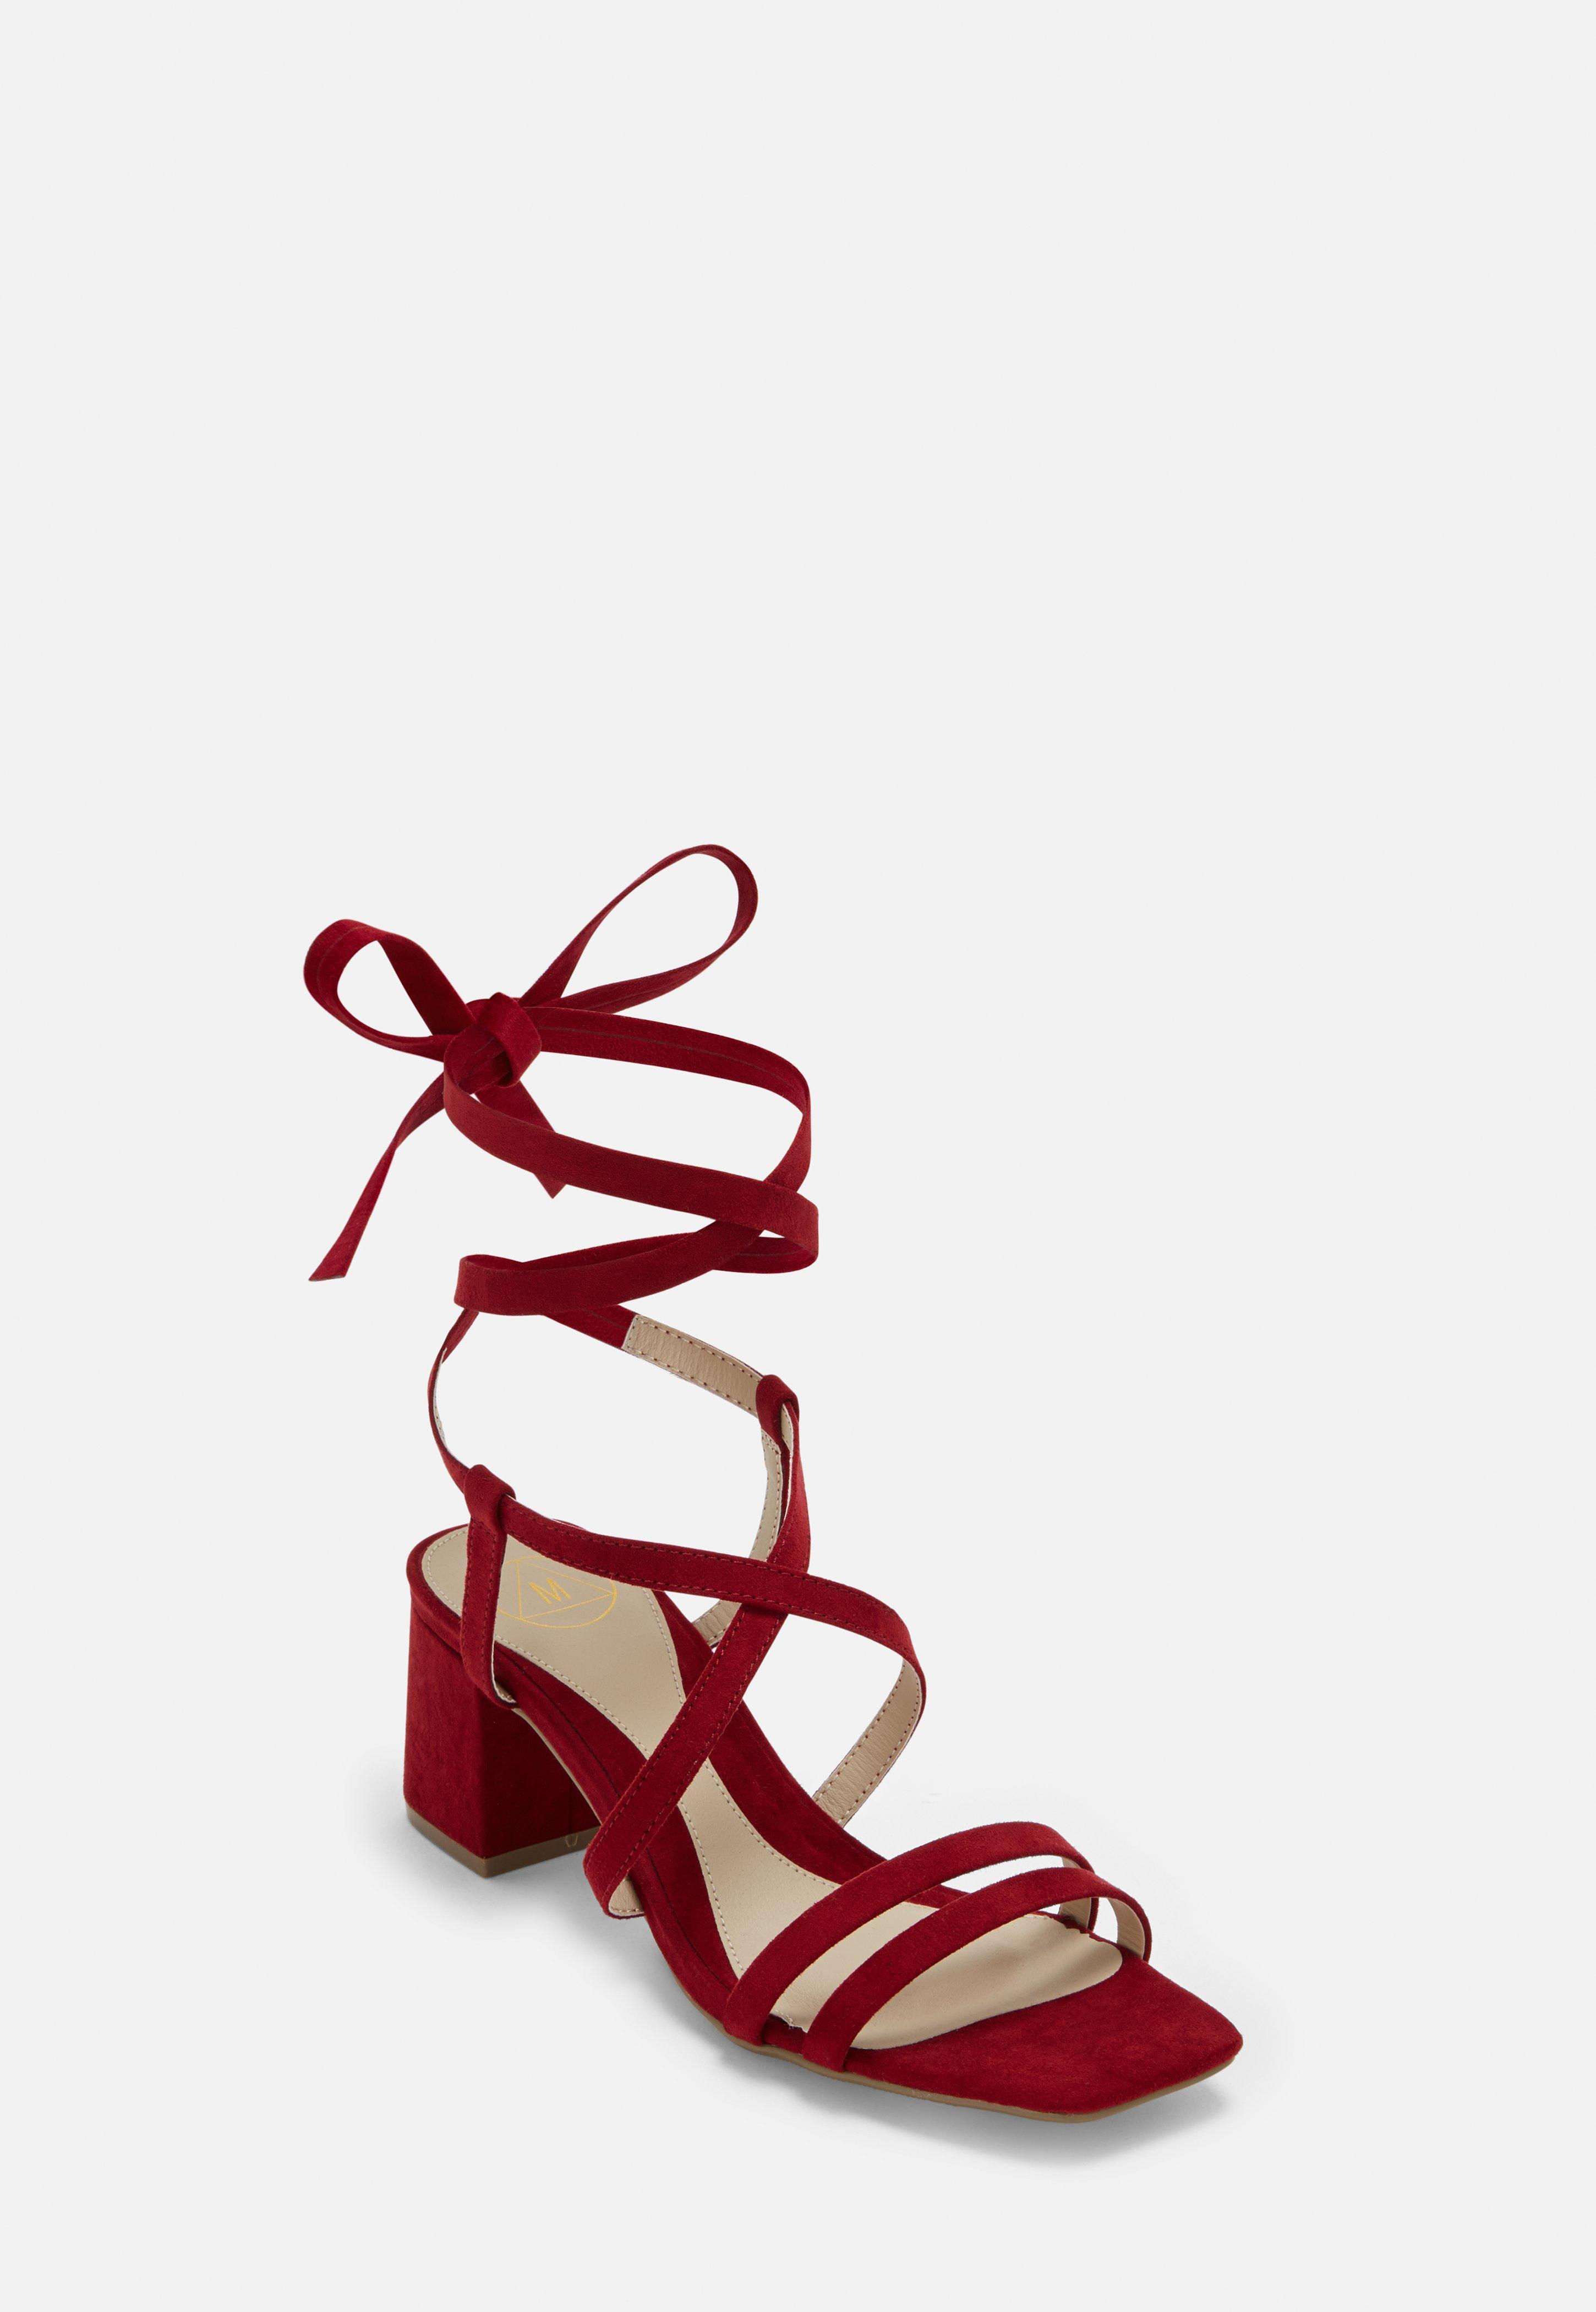 4d4f0fcc056 Shoes